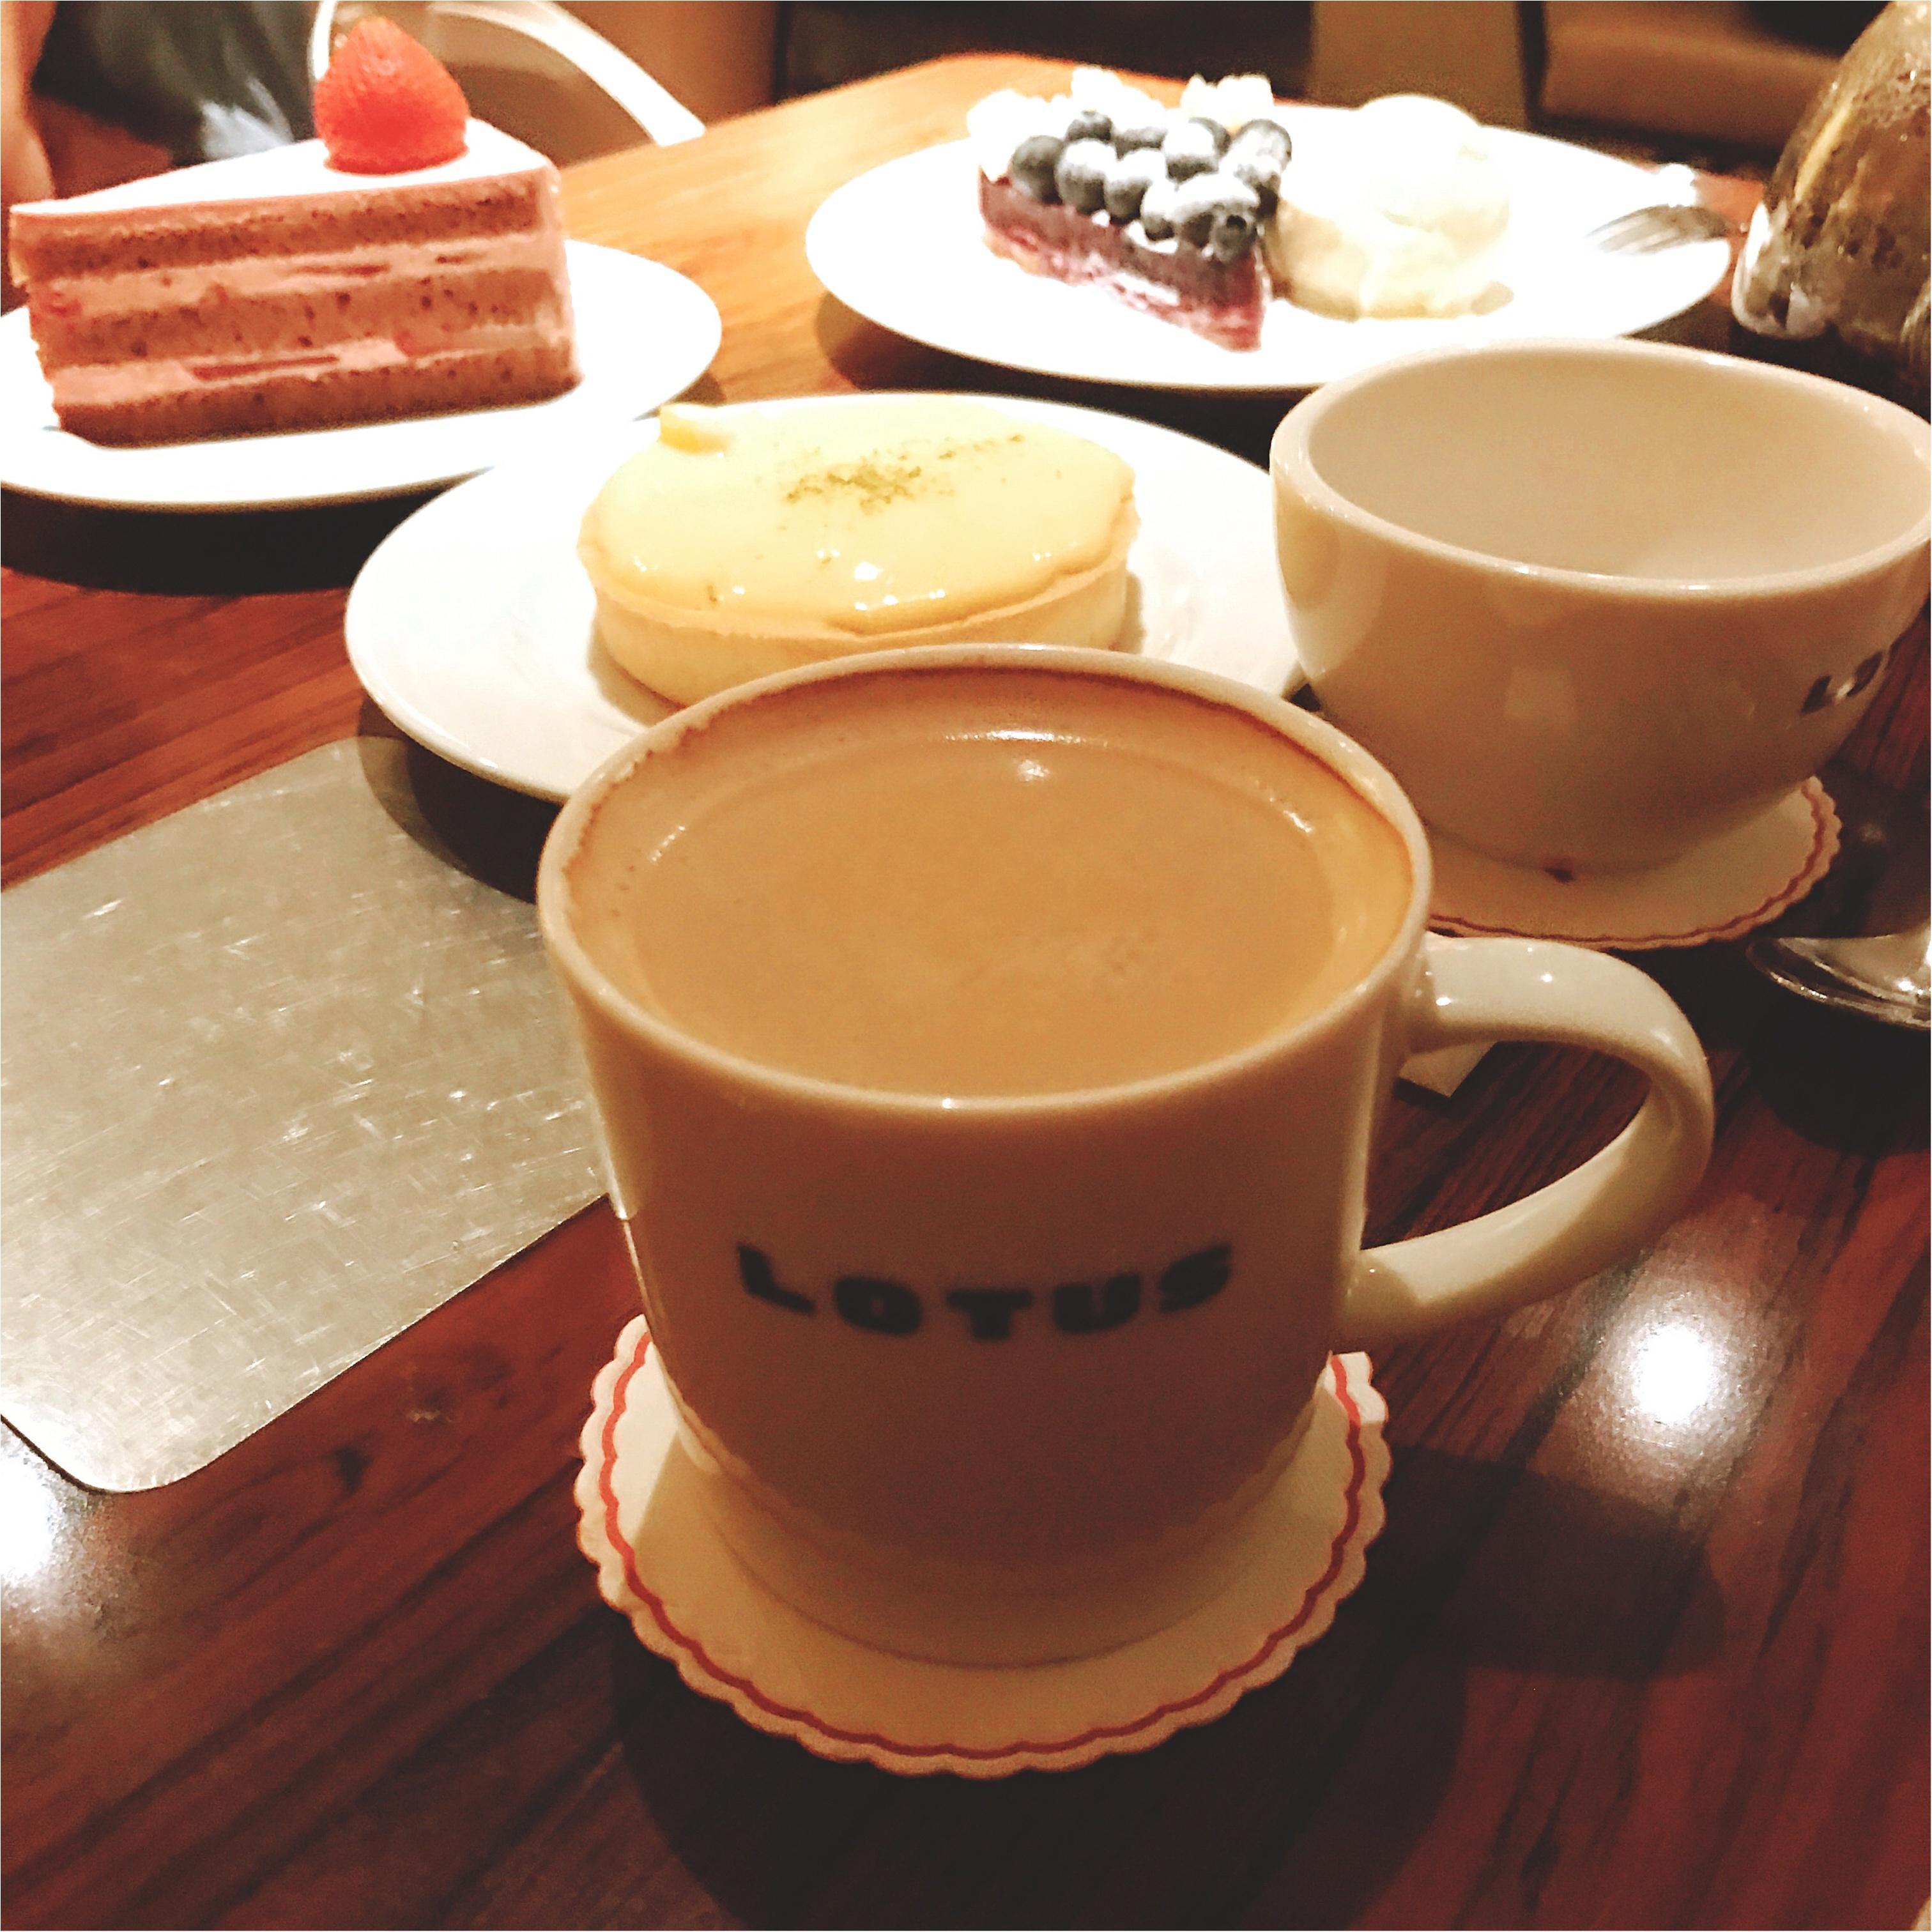 《夜カフェのススメ!》表参道のオシャレなカフェでオシャレな夜を・:*+._1